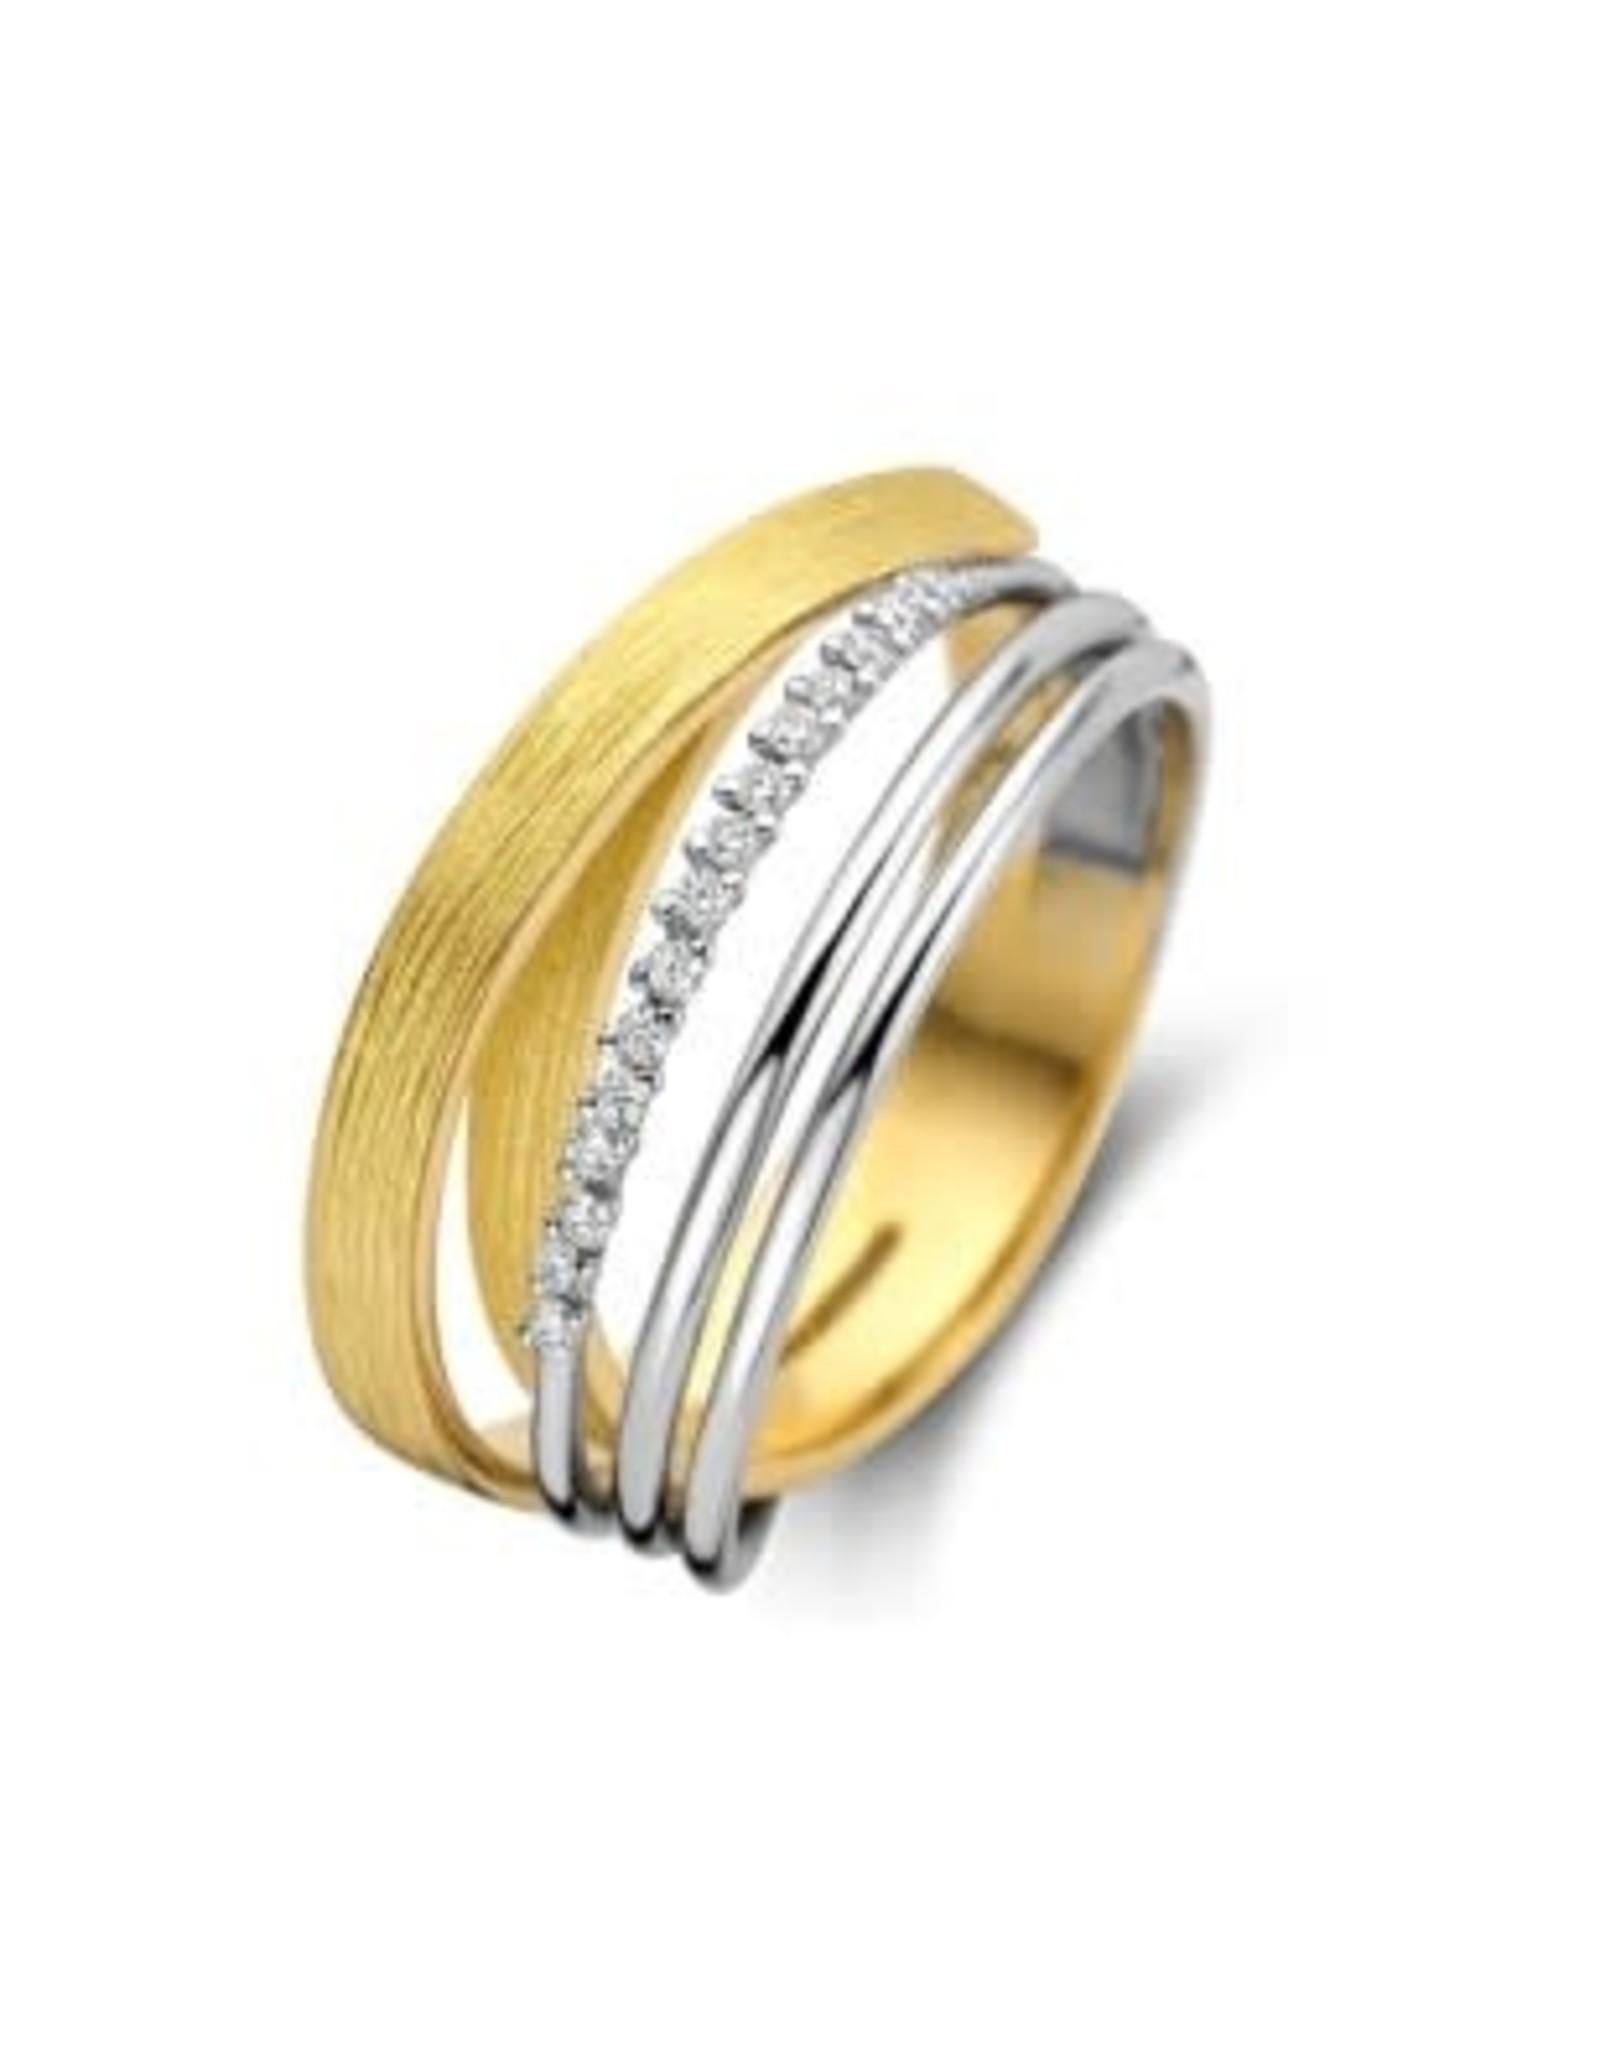 Ring Bicolor Geel/Wit Goud 18kt SR3492BB